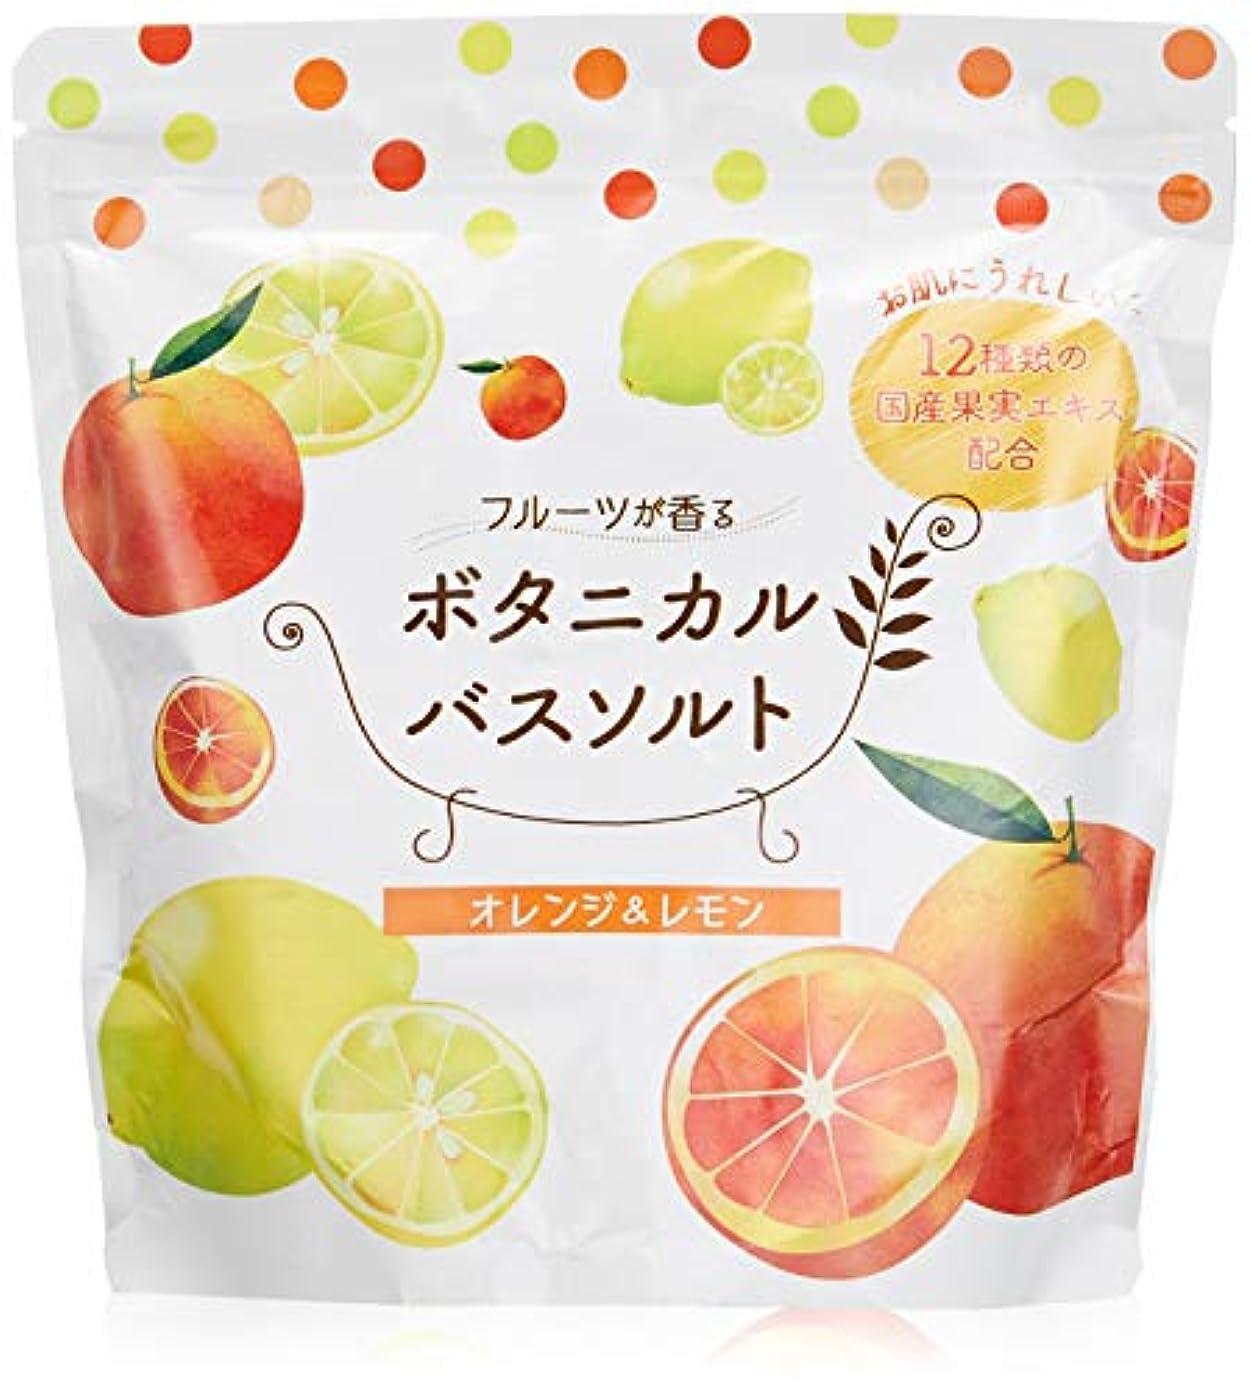 松田医薬品 フルーツが香るボタニカルバスソルト オレンジ&レモン 450g